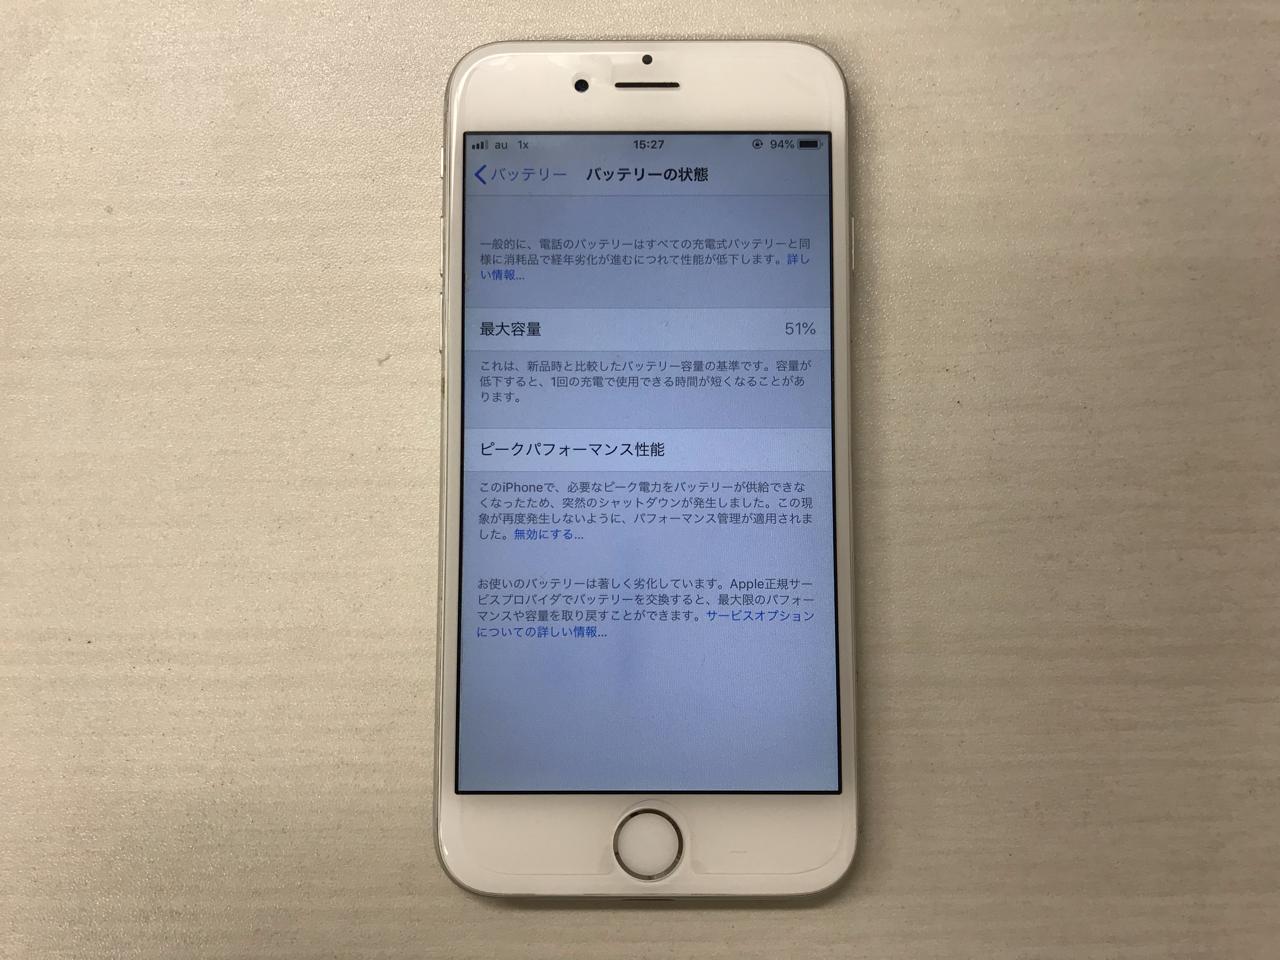 70b3c0f5-5e6e-4166-85f3-deb51068ae9d_1550205447_981350368 劣化がだいぶ進んだiPhone6Sのバッテリー交換をしました!